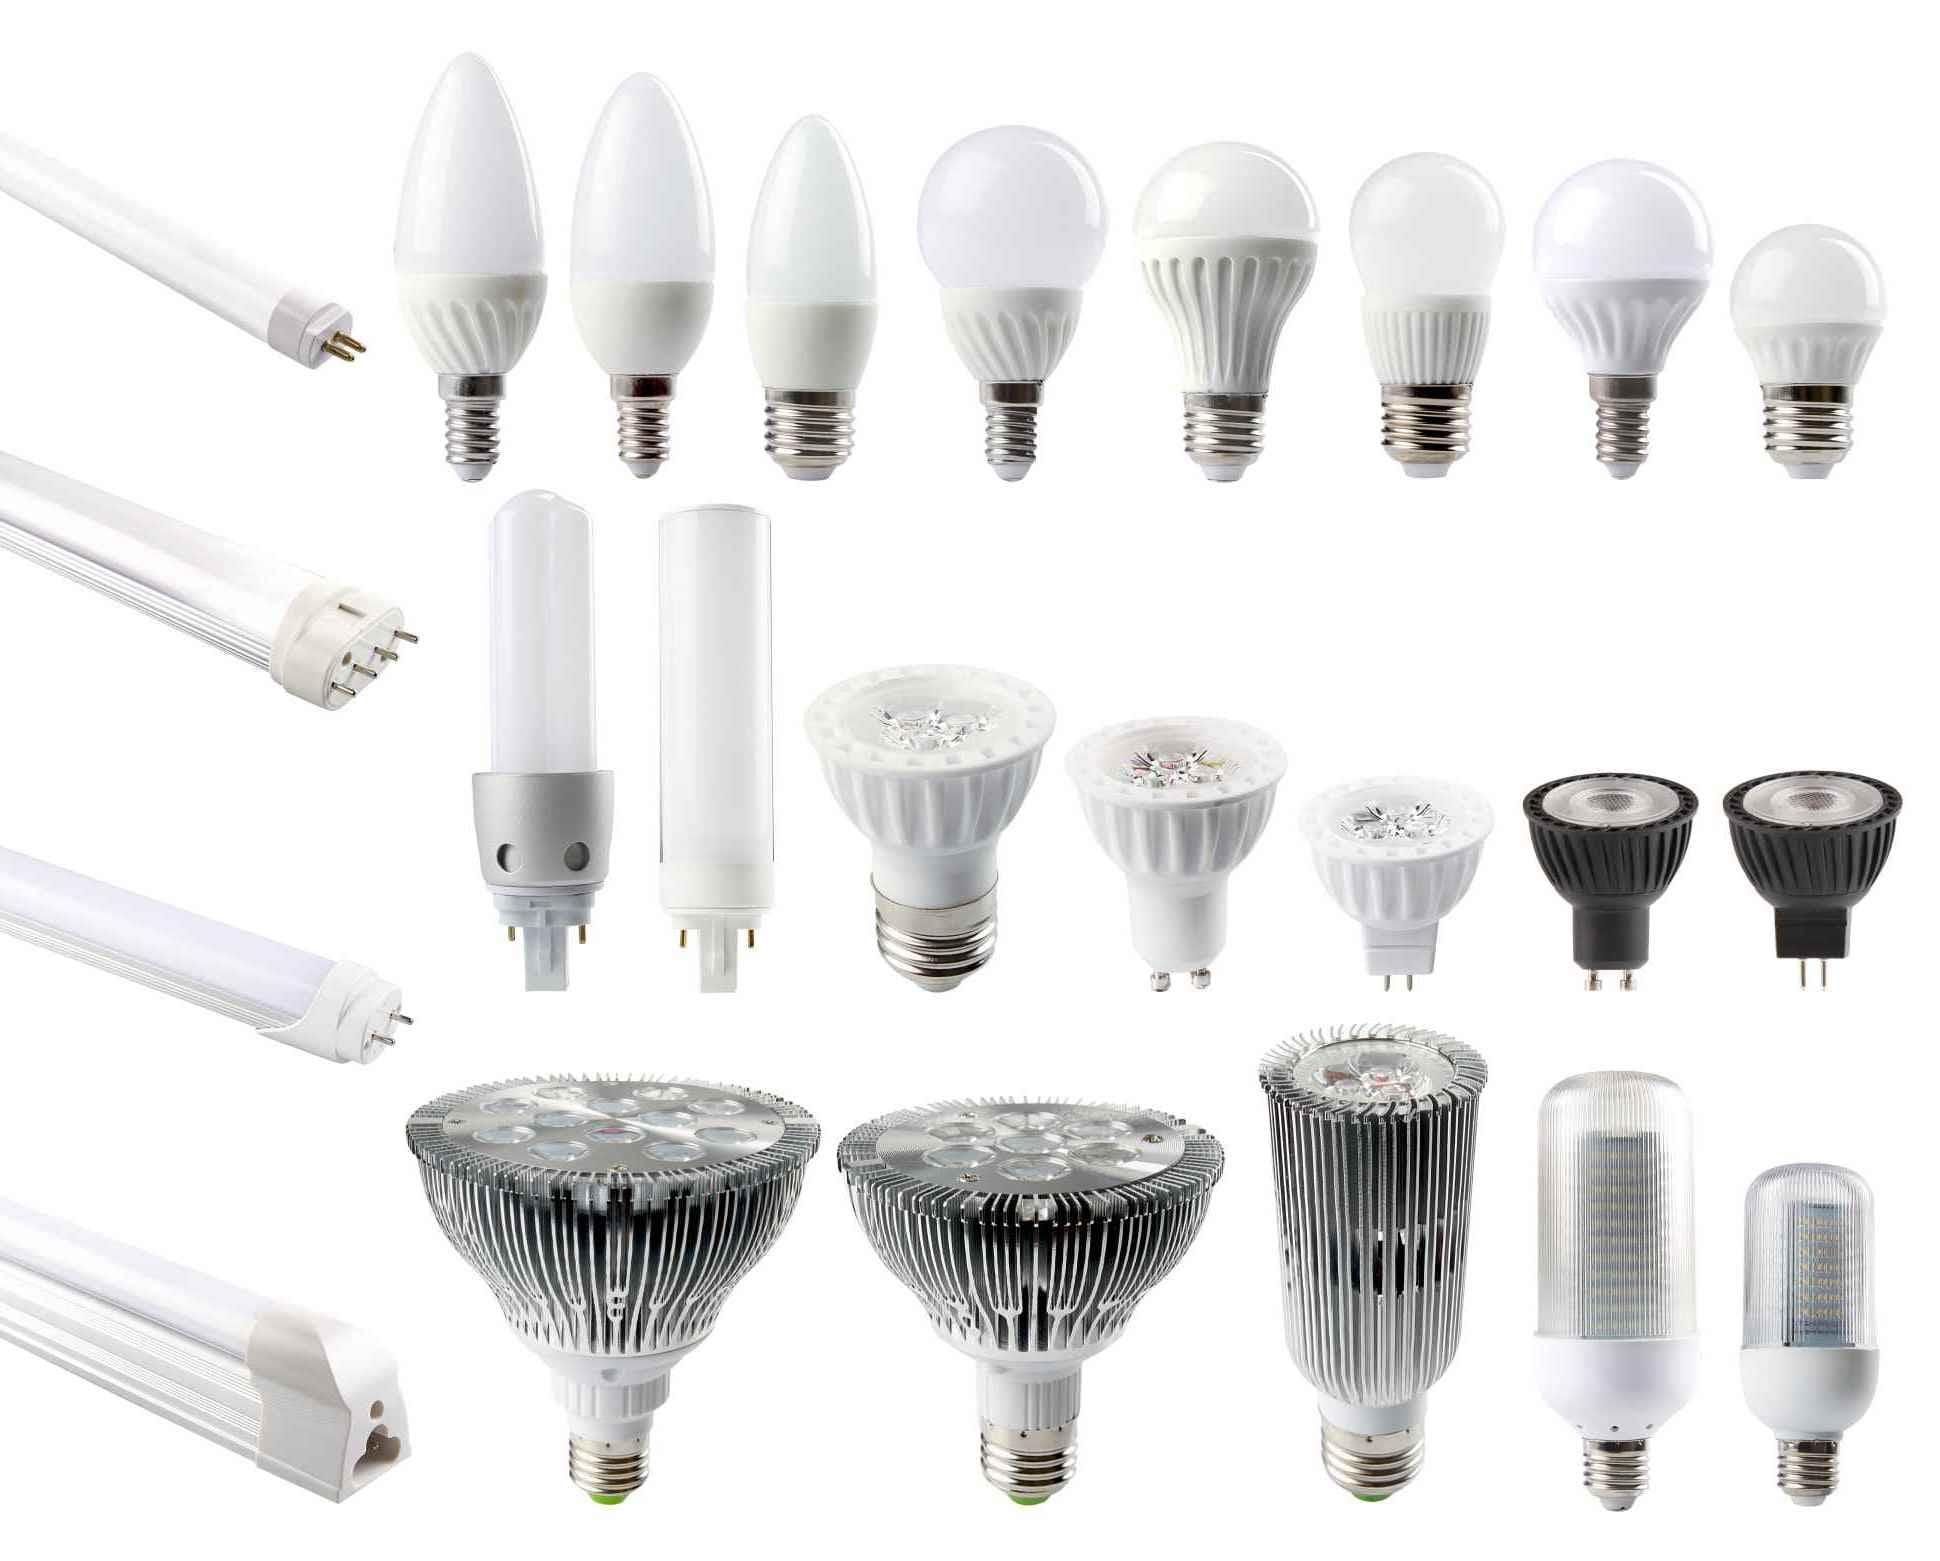 Le grand choix d'ampoules LED permet de les adapter facilement à un luminaire particulier.